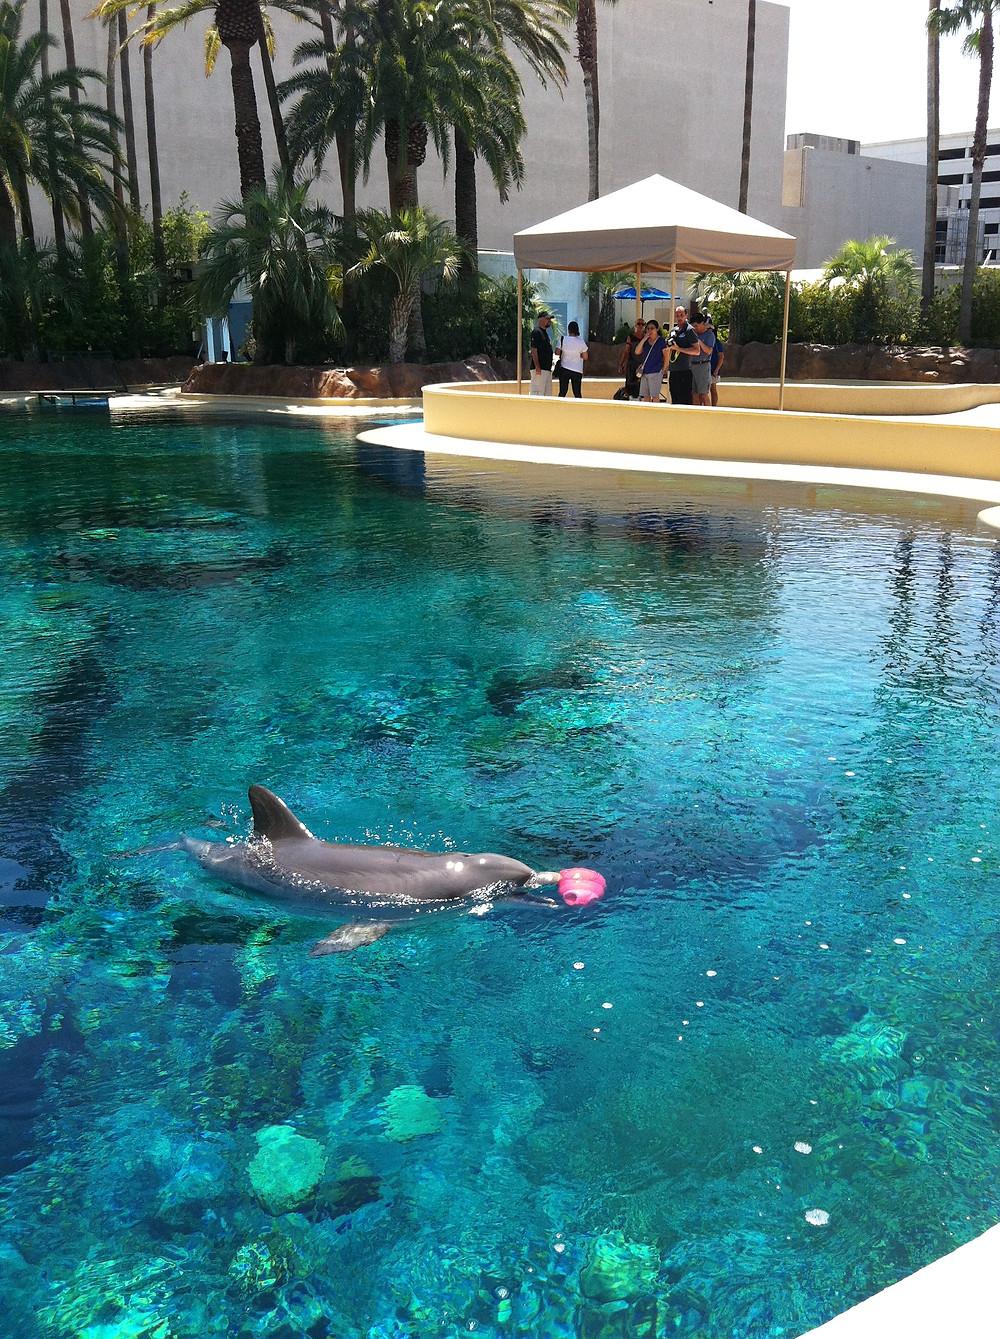 Photo taken at the Mirage Hotel (by: Samantha Sullivan)